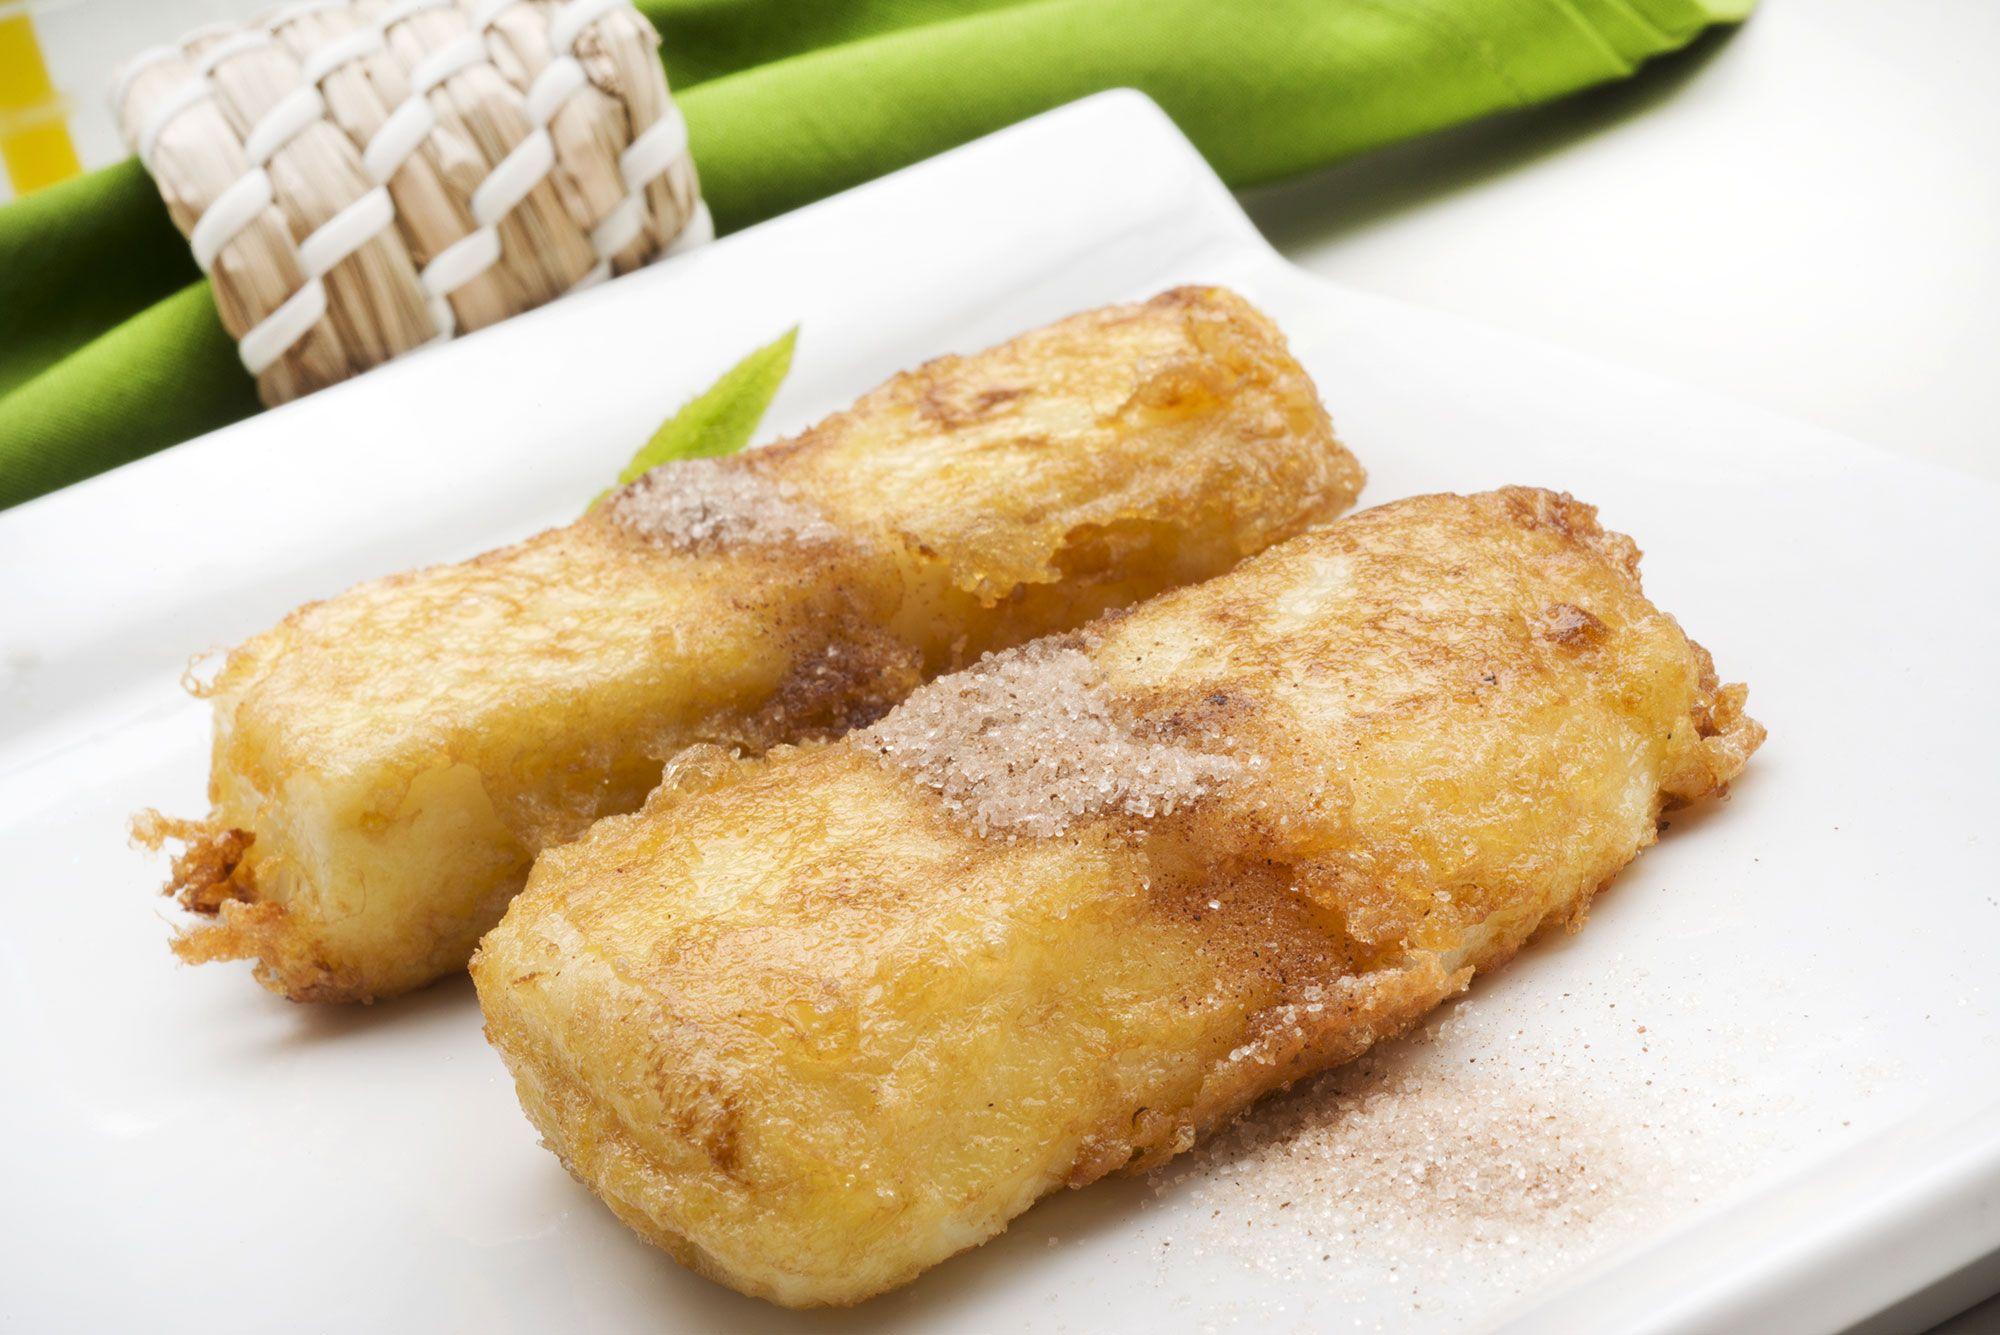 Dulces típicos de Carnaval, ¡las mejores recetas! - Leche frita de Eva Arguiñano